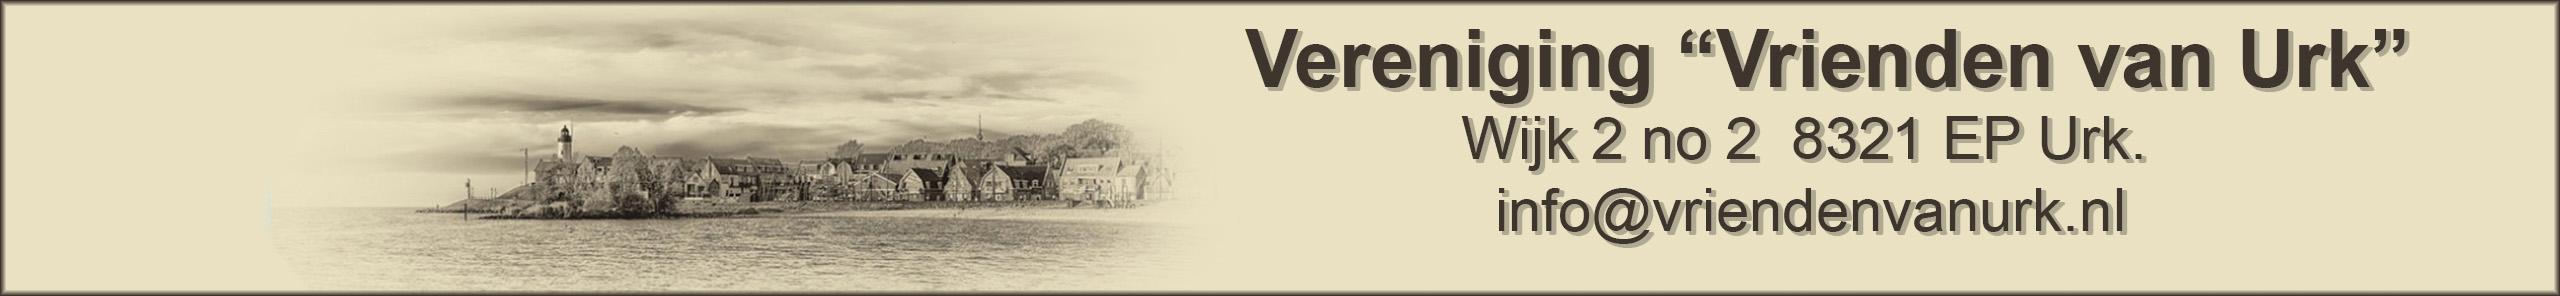 beeldbank Vrienden van Urk foto, film en info over Urk en zijn geschiedenis